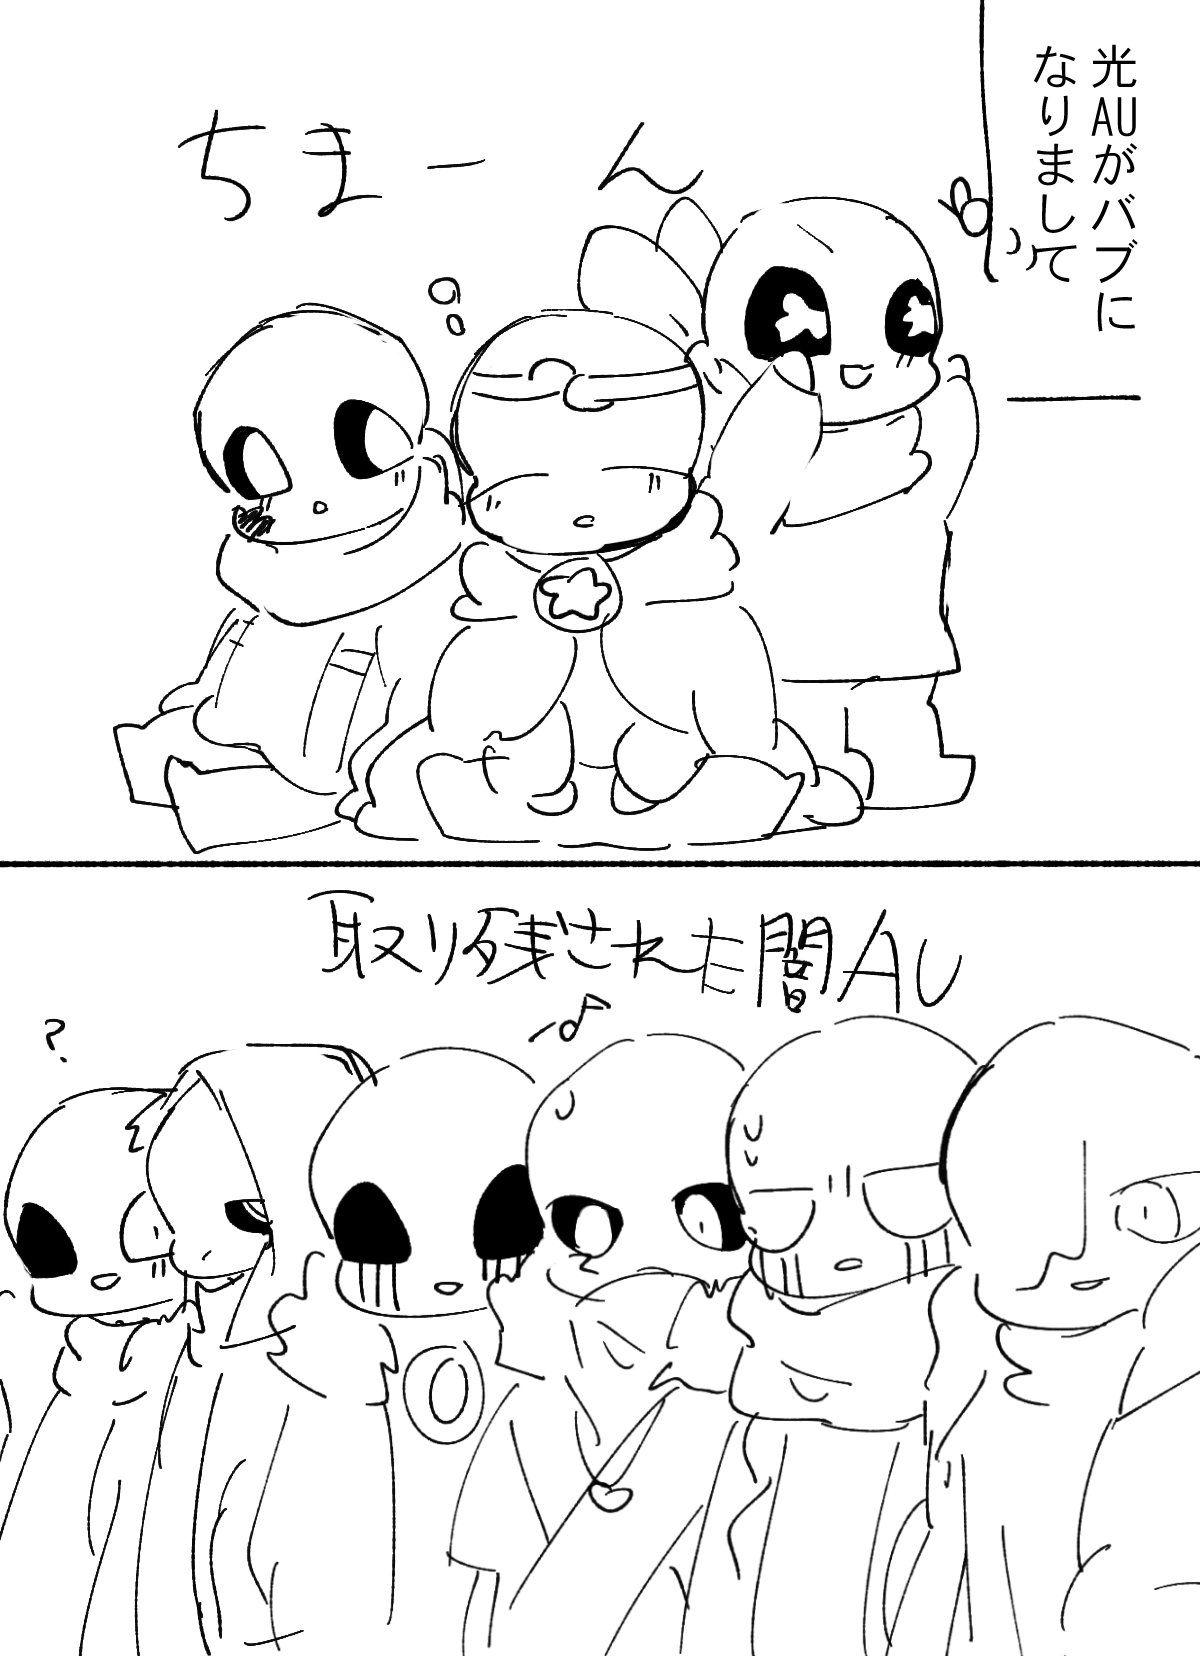 生漬物 沢庵 On Au 漫画 Undertale 壁紙 Fate アニメ